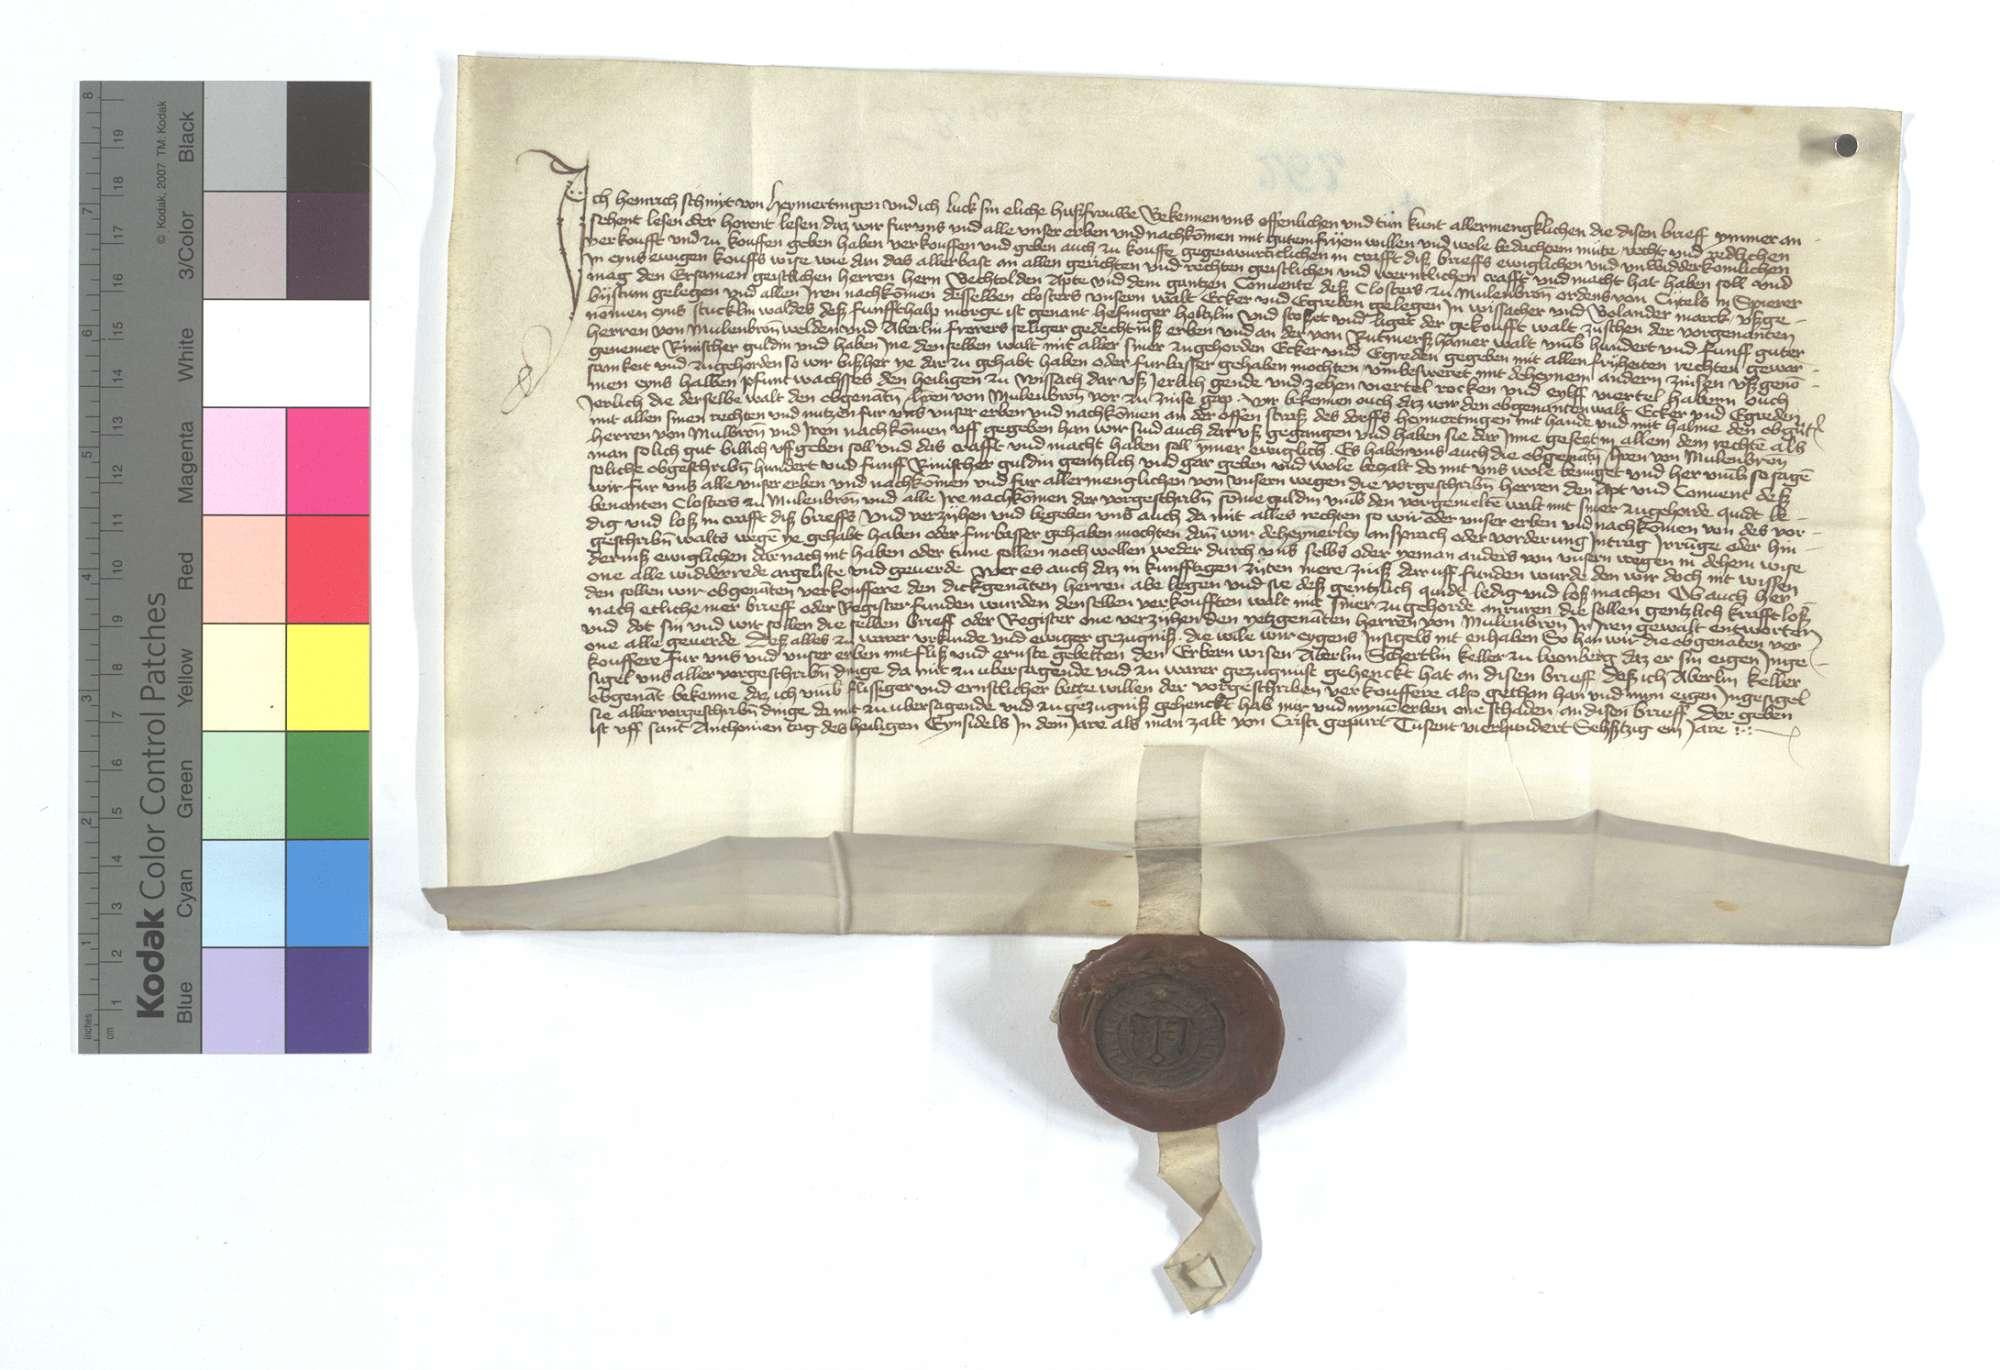 Heinrich Schmit (Schmyt) zu Heimerdingen (Heymertingen) verkauft seinen Wald in Weissach und Bonlander Markung dem Kloster Maulbronn., Text